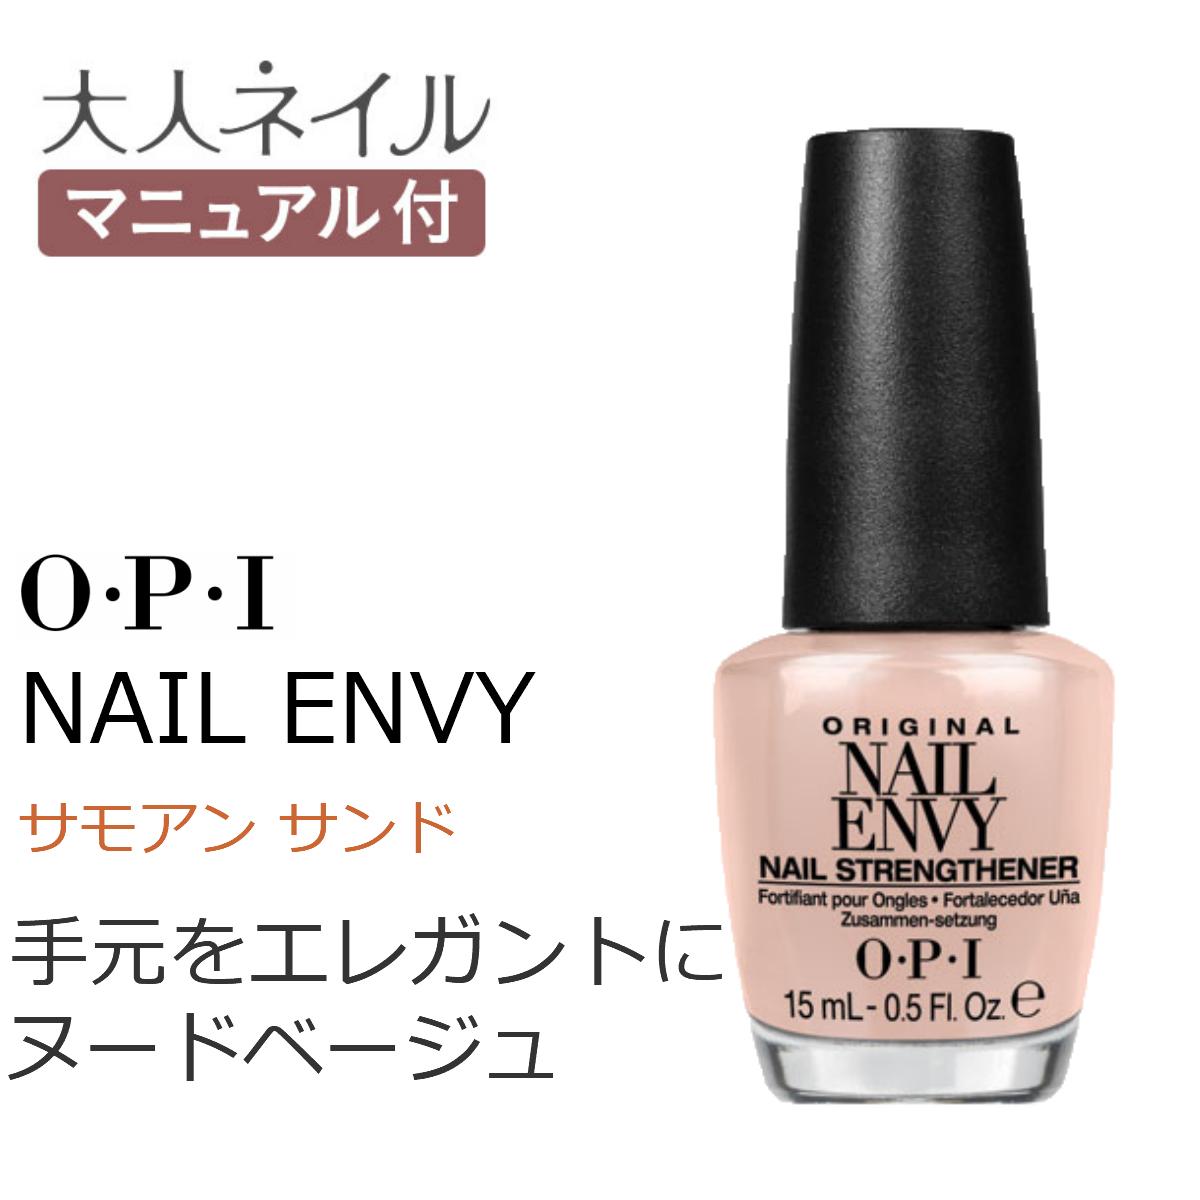 OPI(オーピーアイ)ネイルエンビー NL-221 Samoan Sand(サアモン サンド)(カラー+爪強化剤)